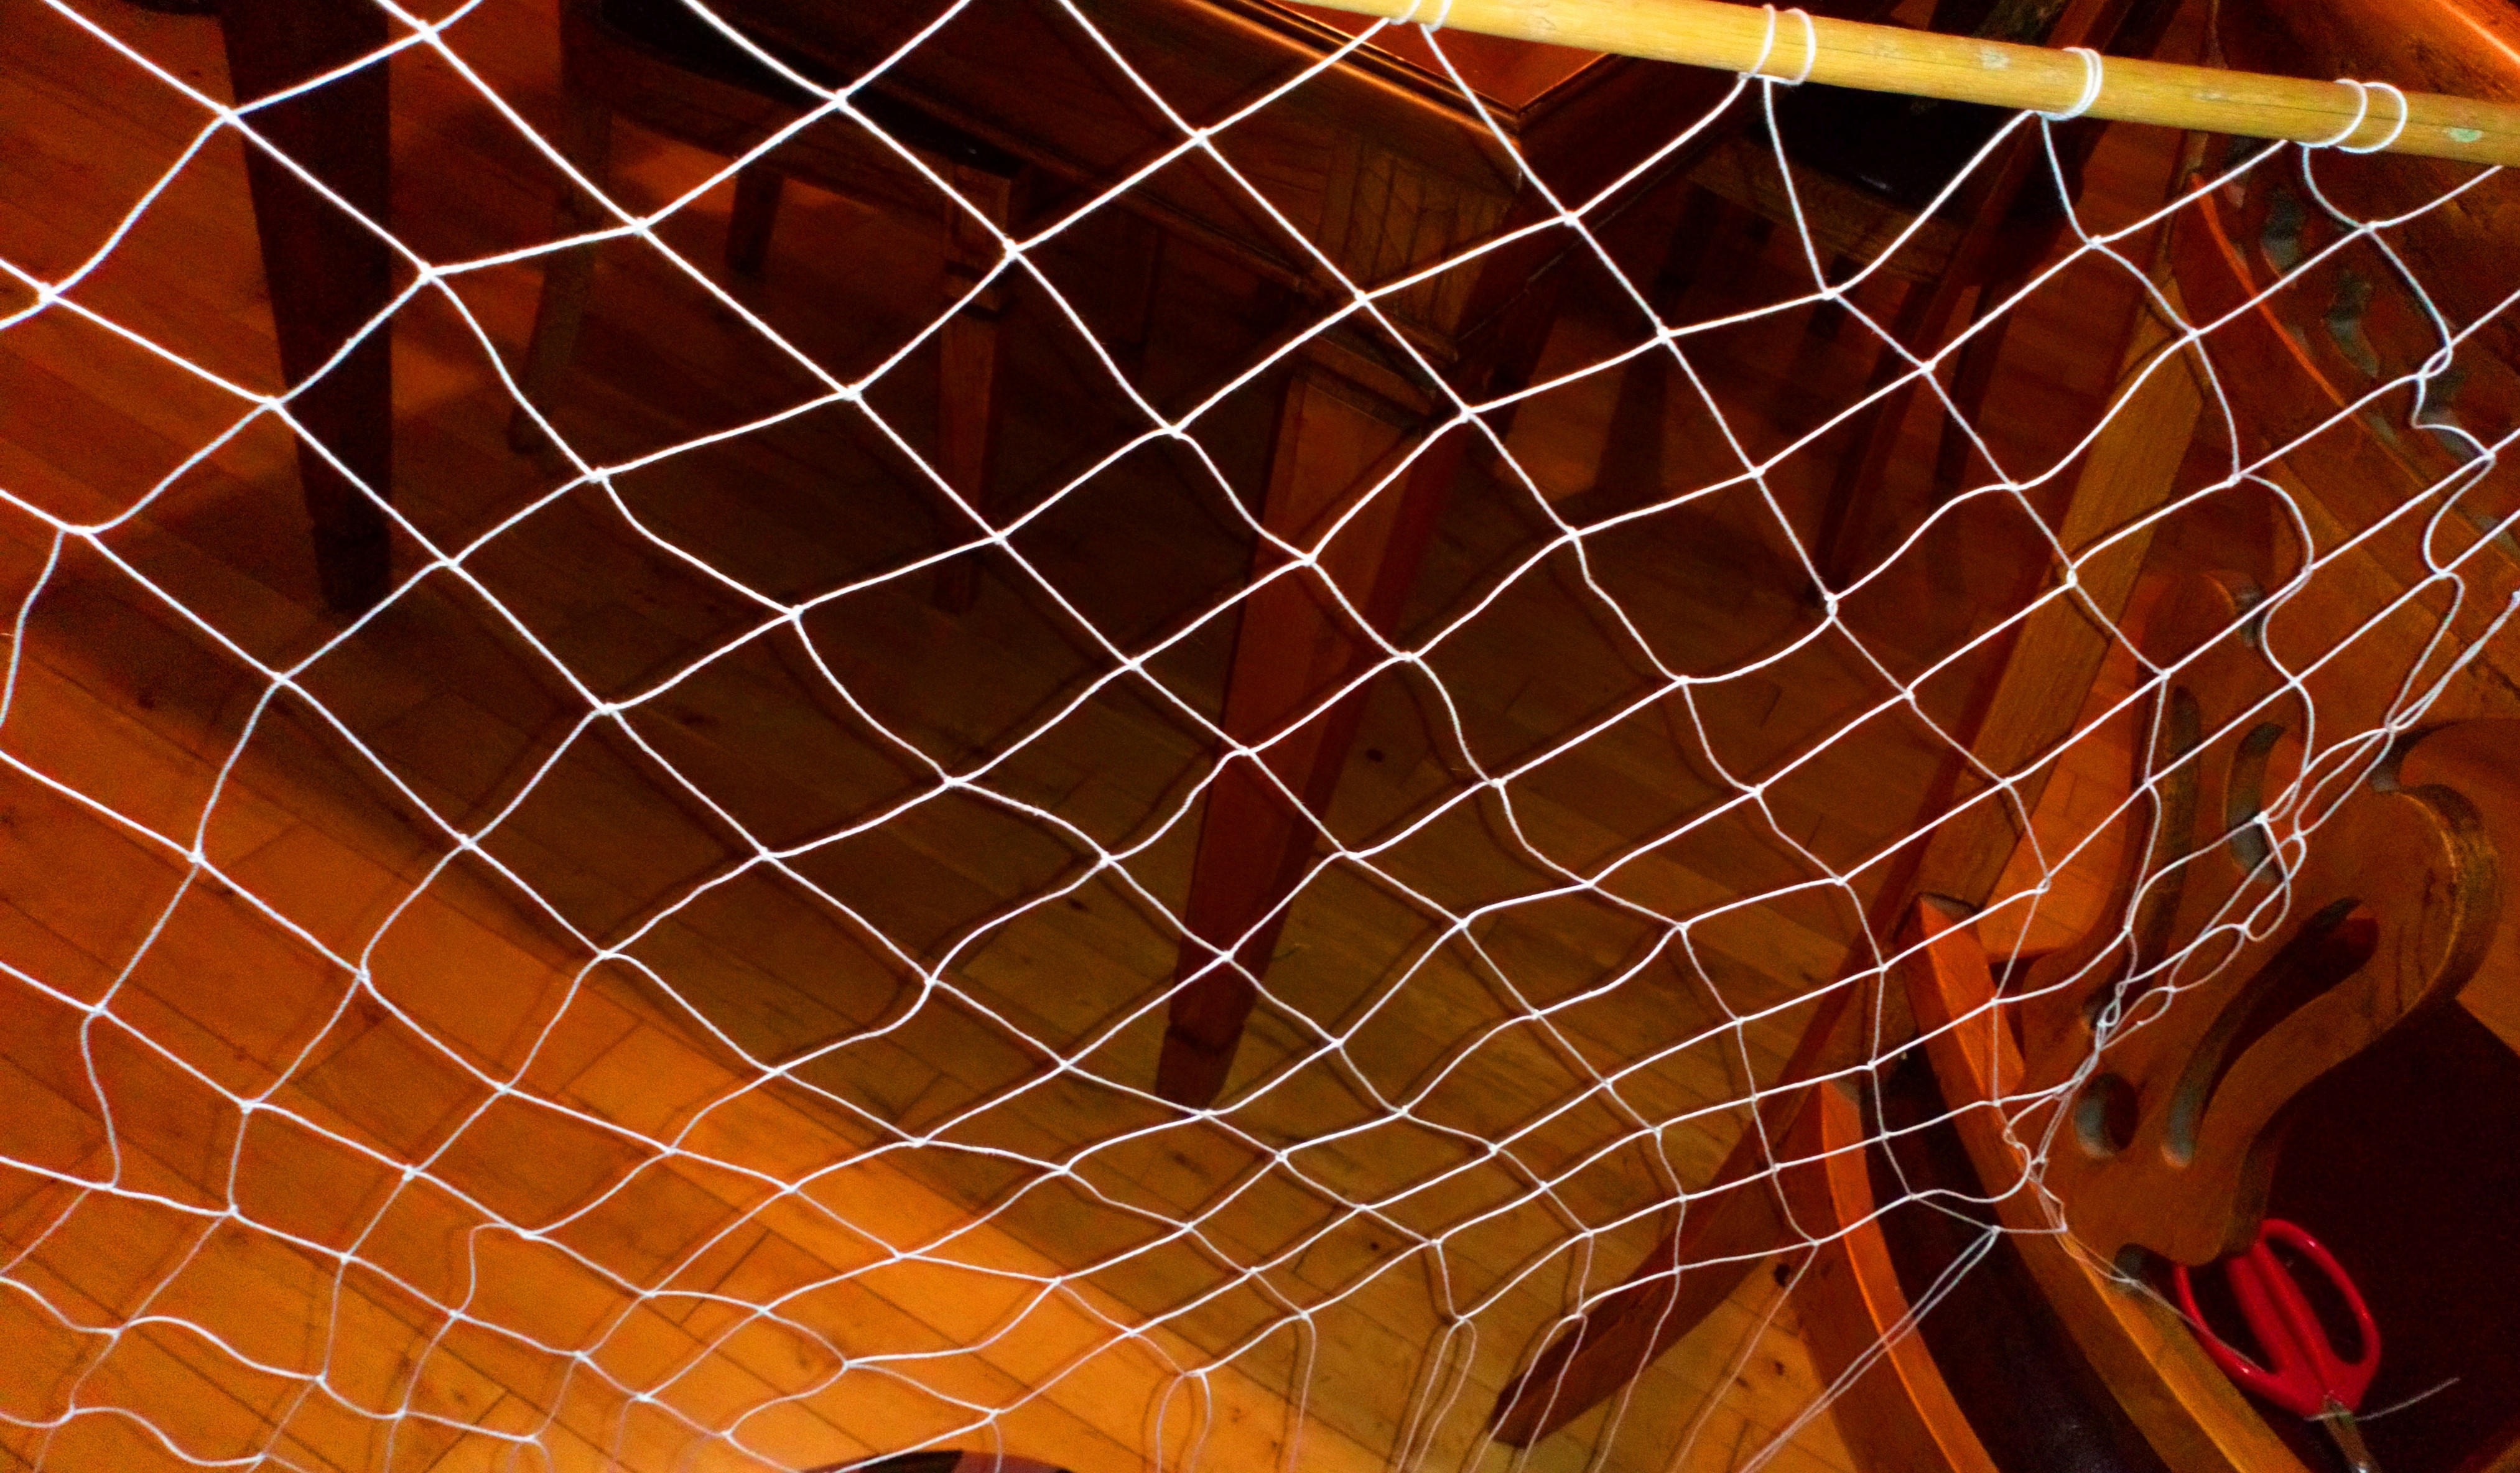 Net of hope